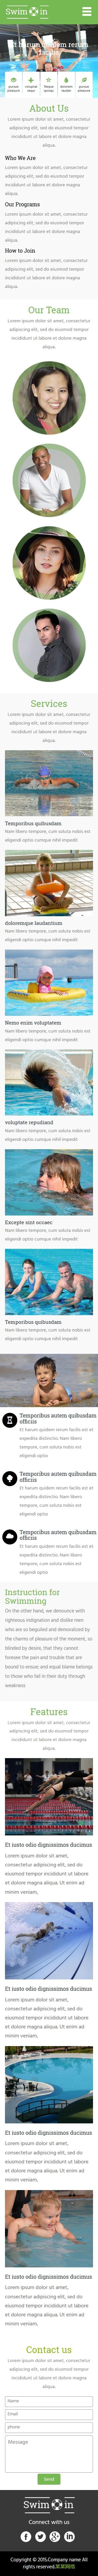 游泳馆类英文模板制作网站手机图片